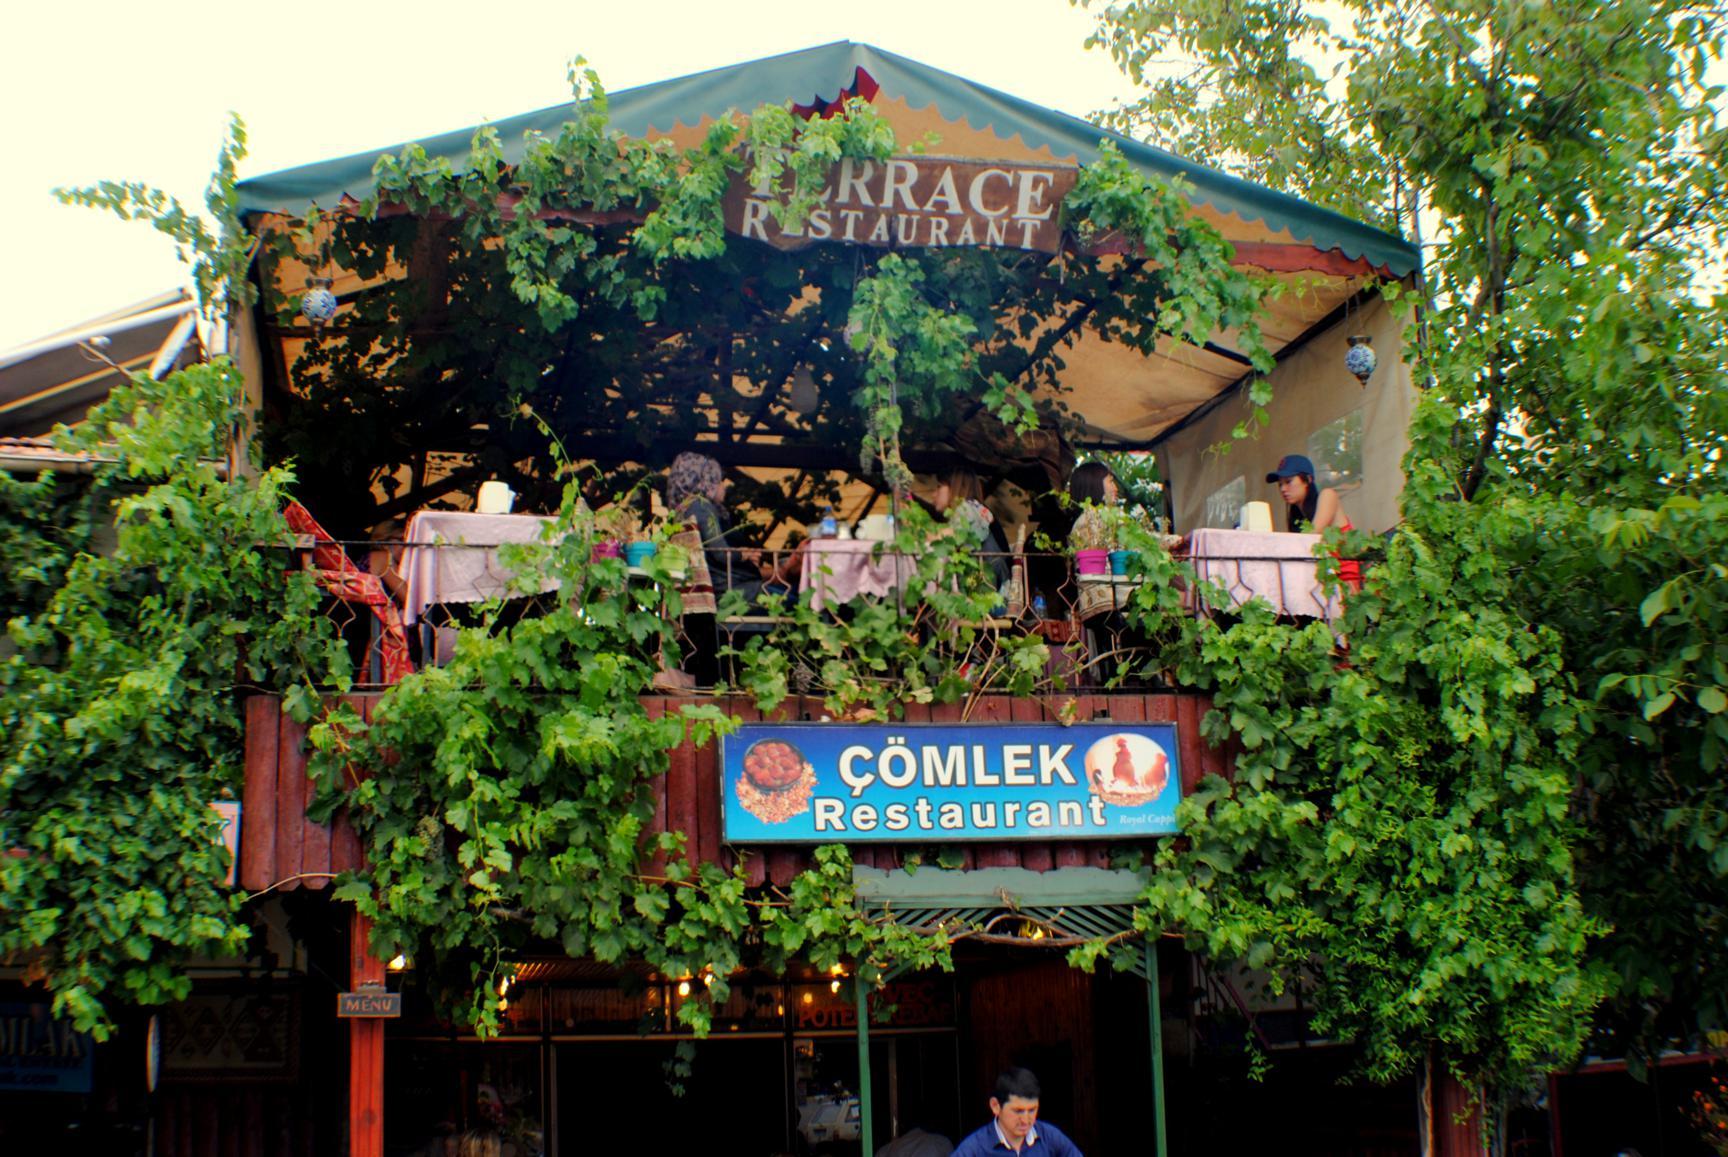 terrace-restaurant-goreme-0